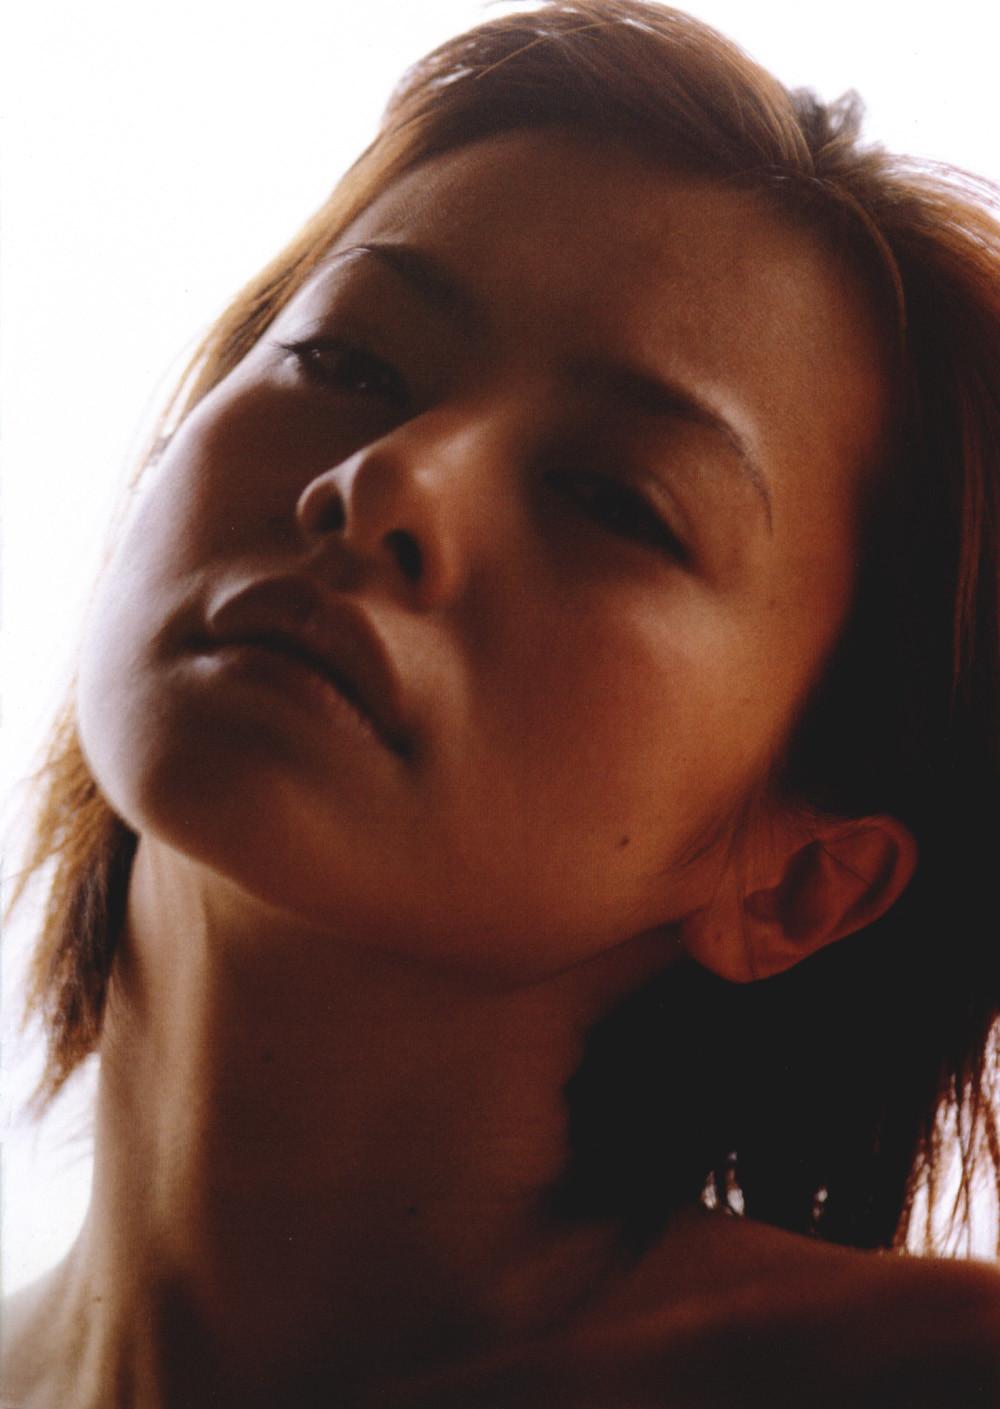 月刊 さとう珠緒 Special 写真集 ham-tamao150